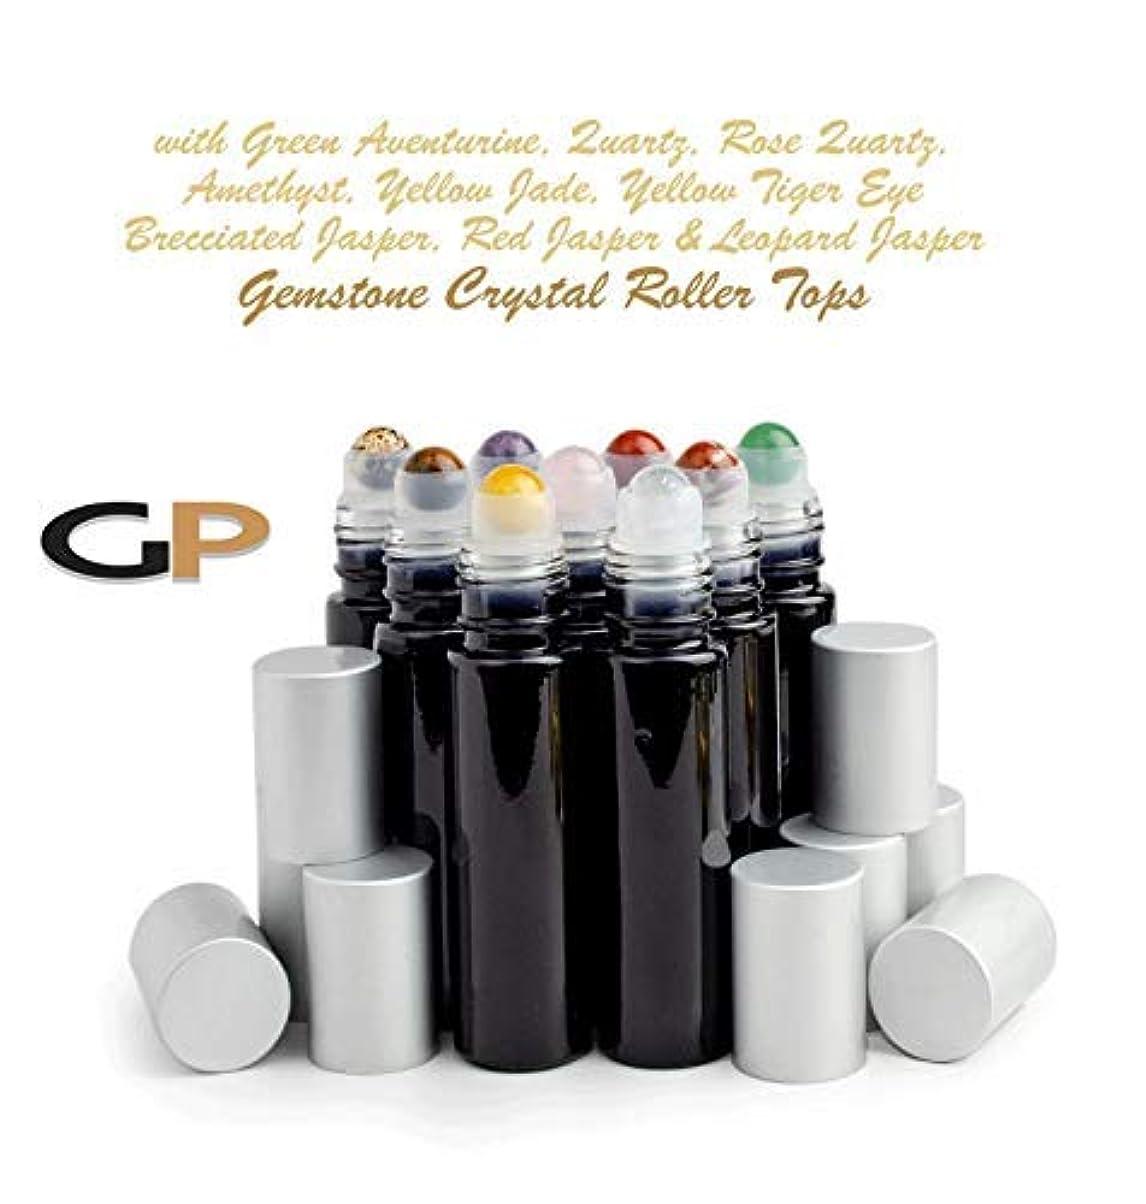 アクセル広範囲思いやりのあるGrand Parfums 9 Gemstone Crystal Roller Tops in 10ml Shny Black Glass Bottles, with Matte Silver Caps for Essential...